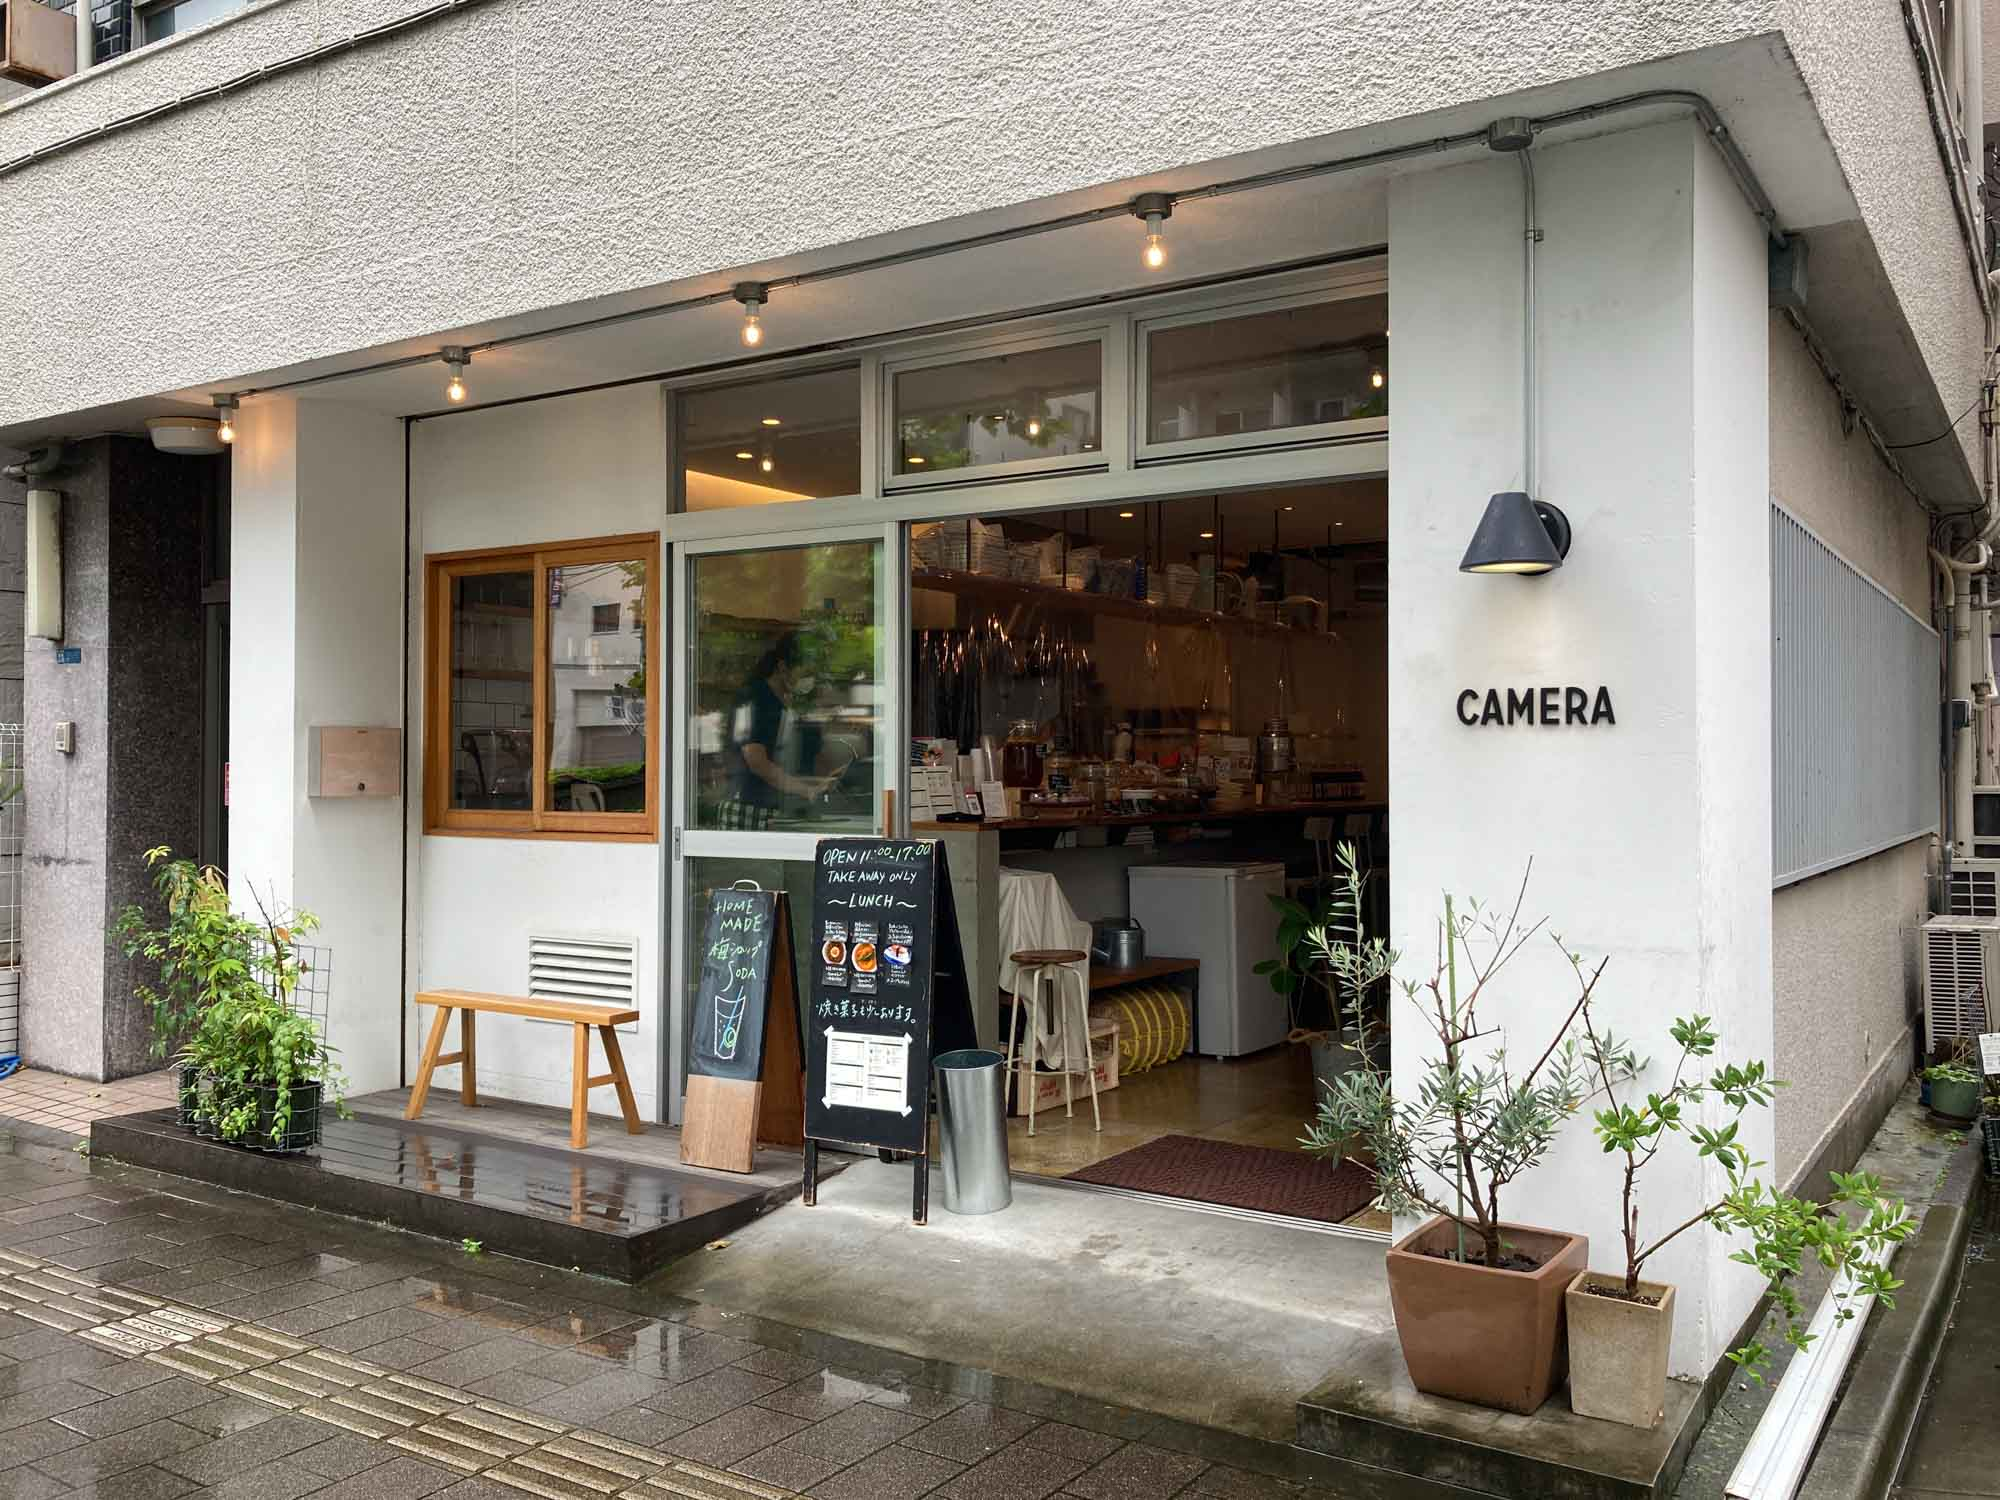 コーヒーやランチ、焼き菓子のテイクアウトができるカフェ「CAMERA」。